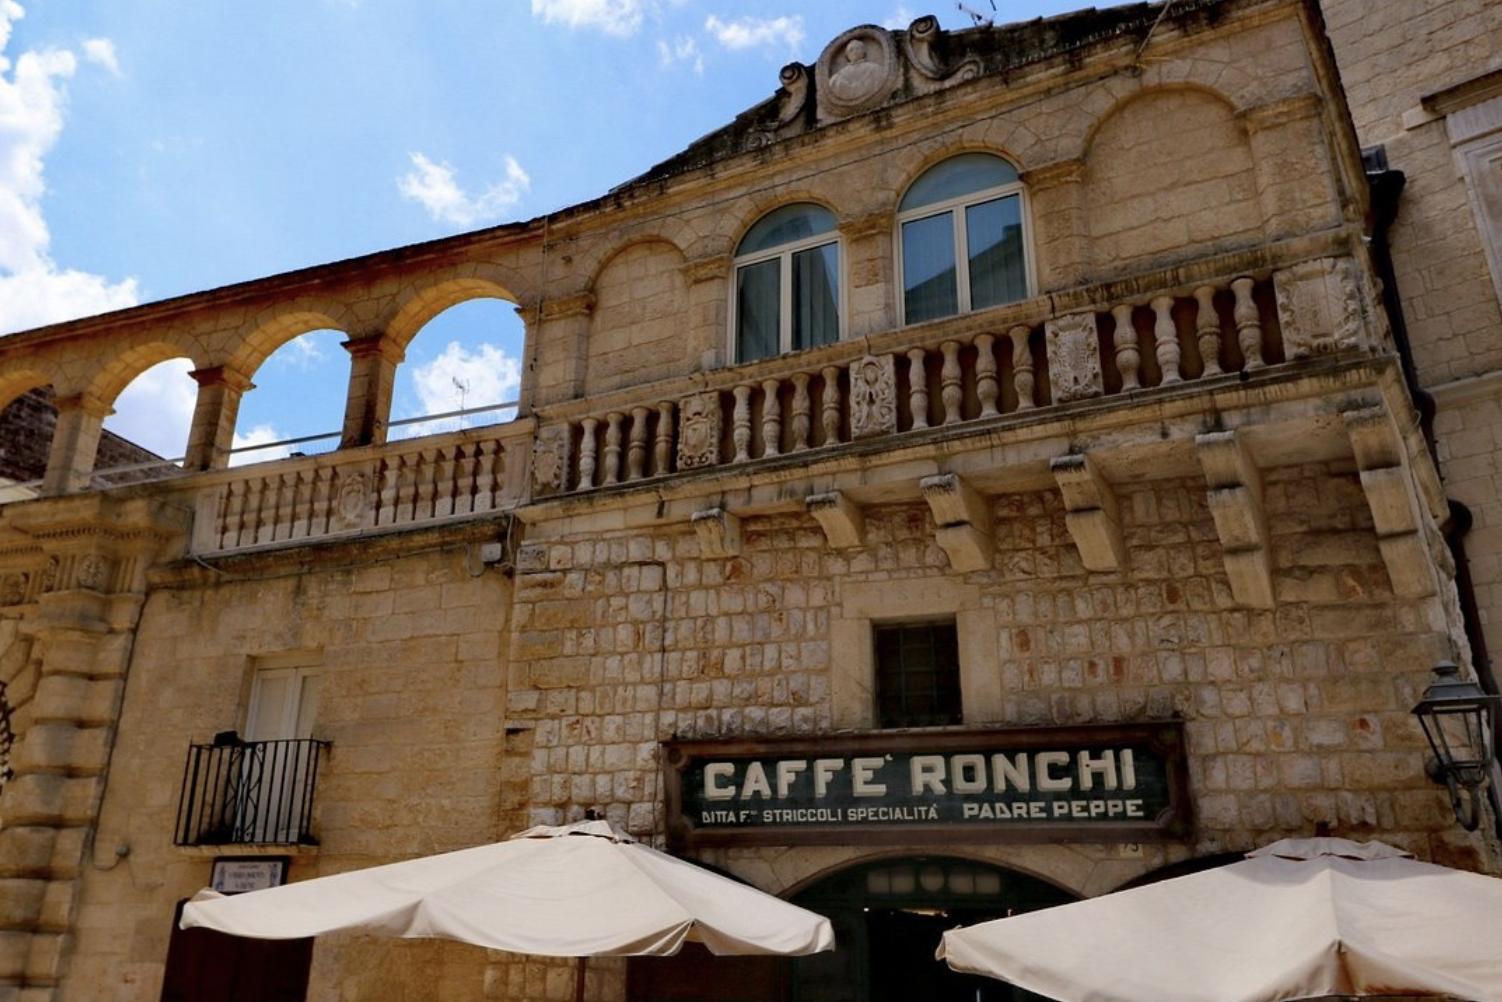 Caffe Ronchi